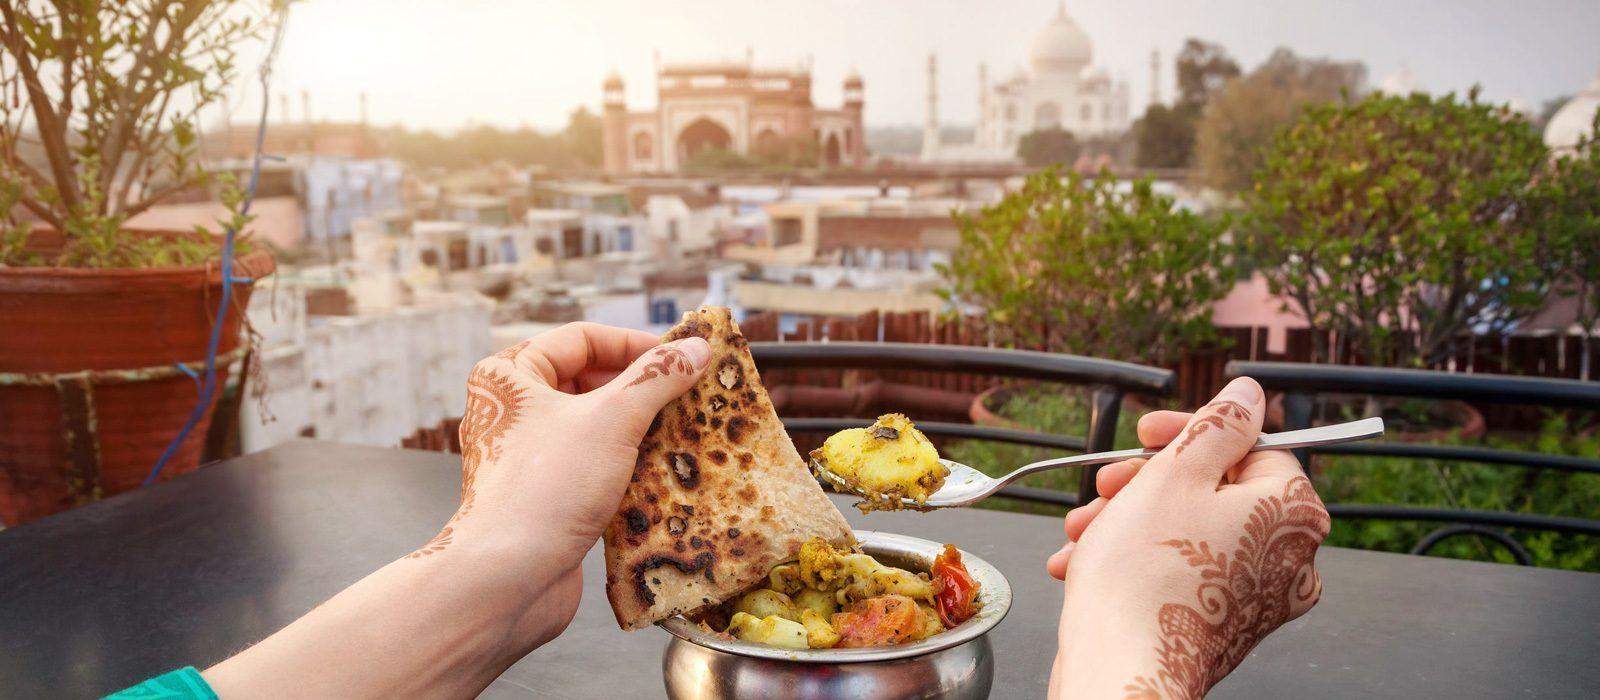 Indien & Malediven: Romantisch & Luxuriös Urlaub 1